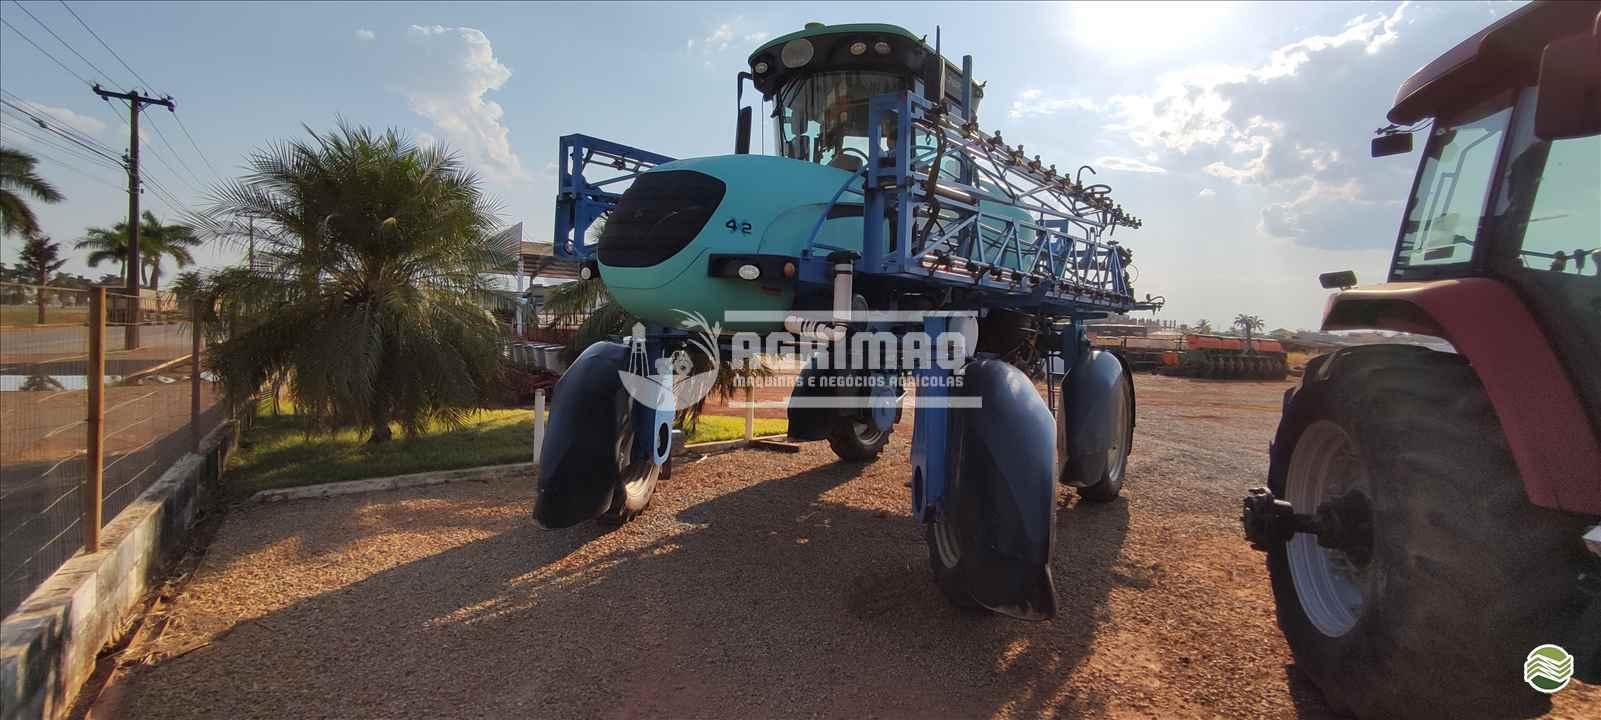 PULVERIZADOR MONTANA PARRUDA 2627 Tração 4x2 Agrimaq Máquinas e Implementos Agrícolas LUCAS DO RIO VERDE MATO GROSSO MT